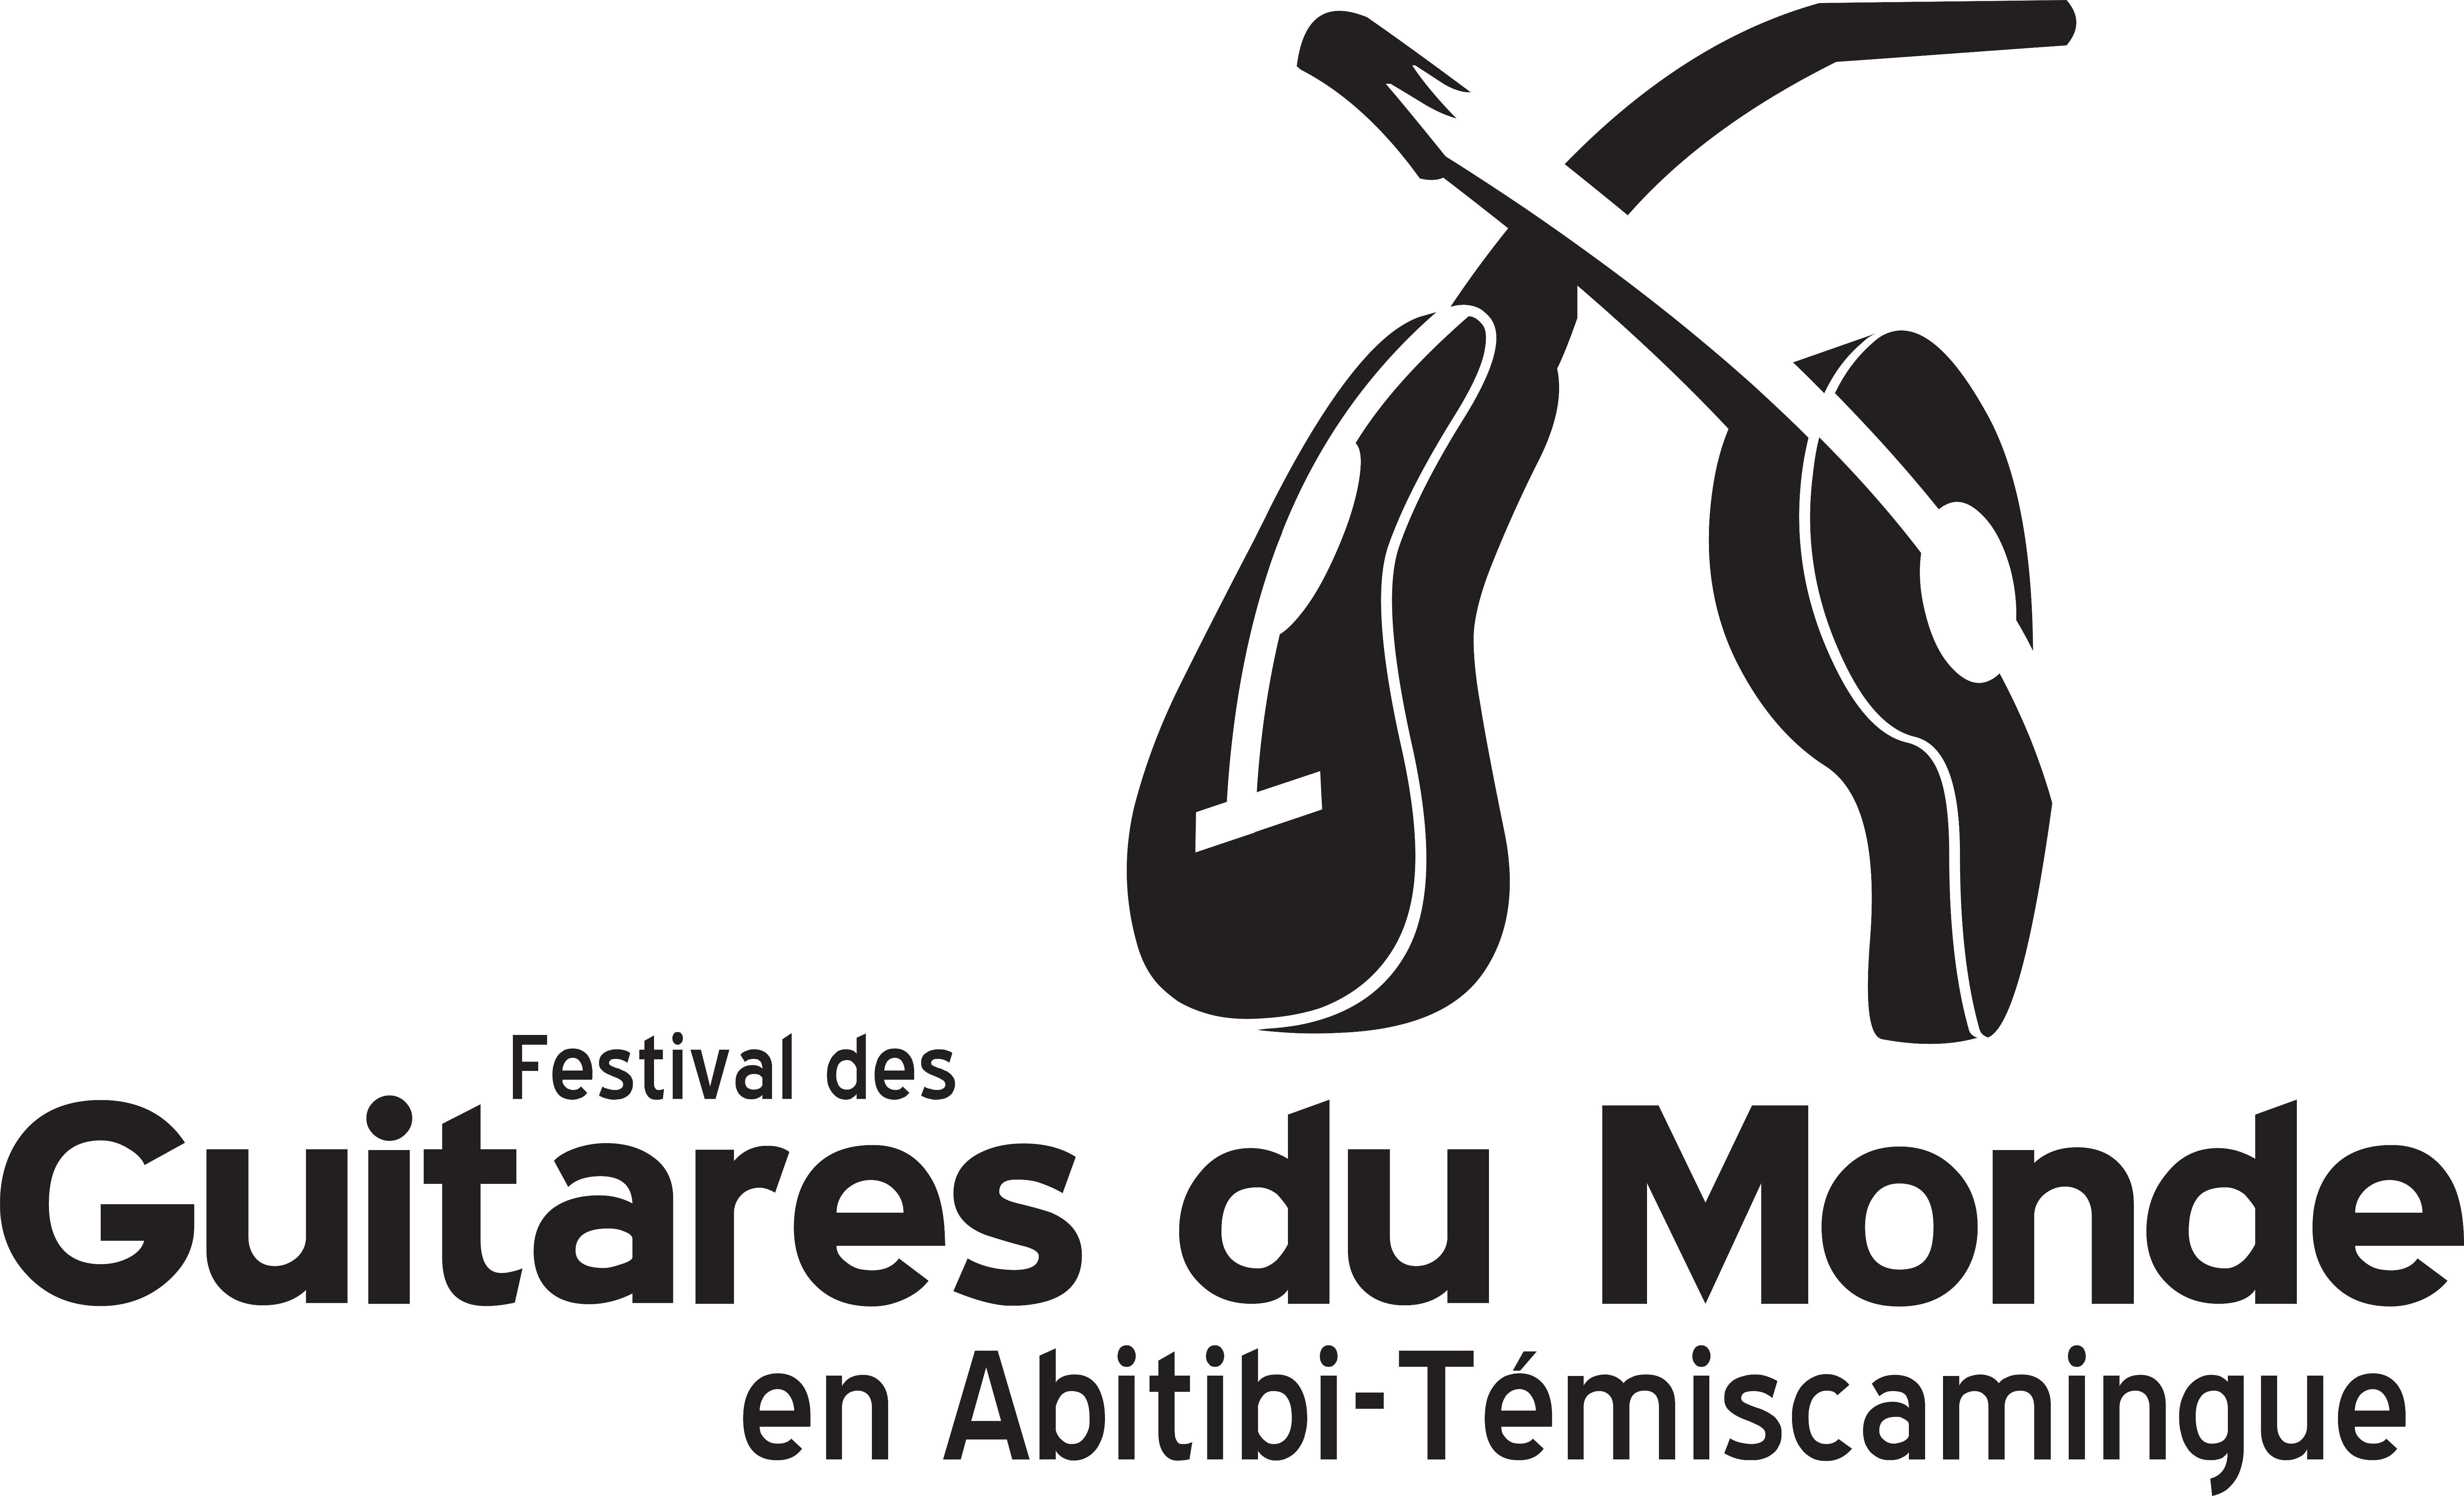 Festival des Guitares du Monde en Abitibi-Témiscamingue